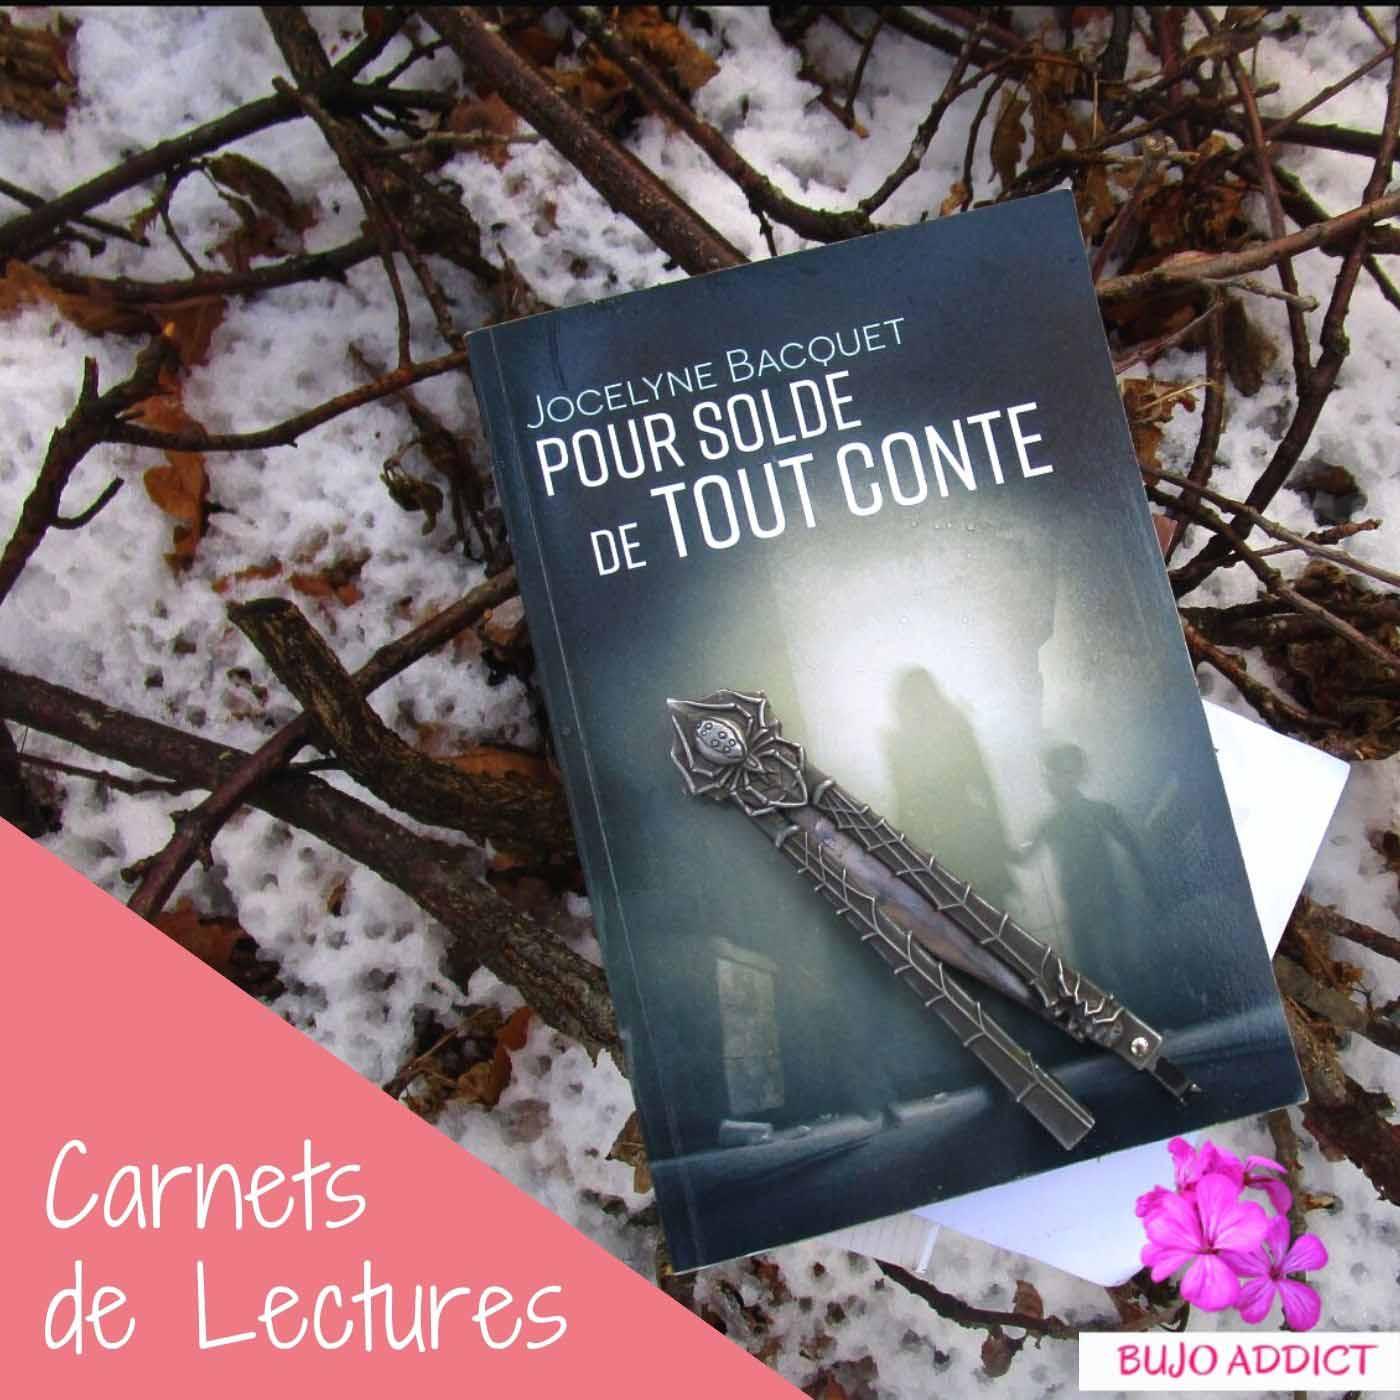 Pour Solde de tout Conte - Jocelyne Bacquet